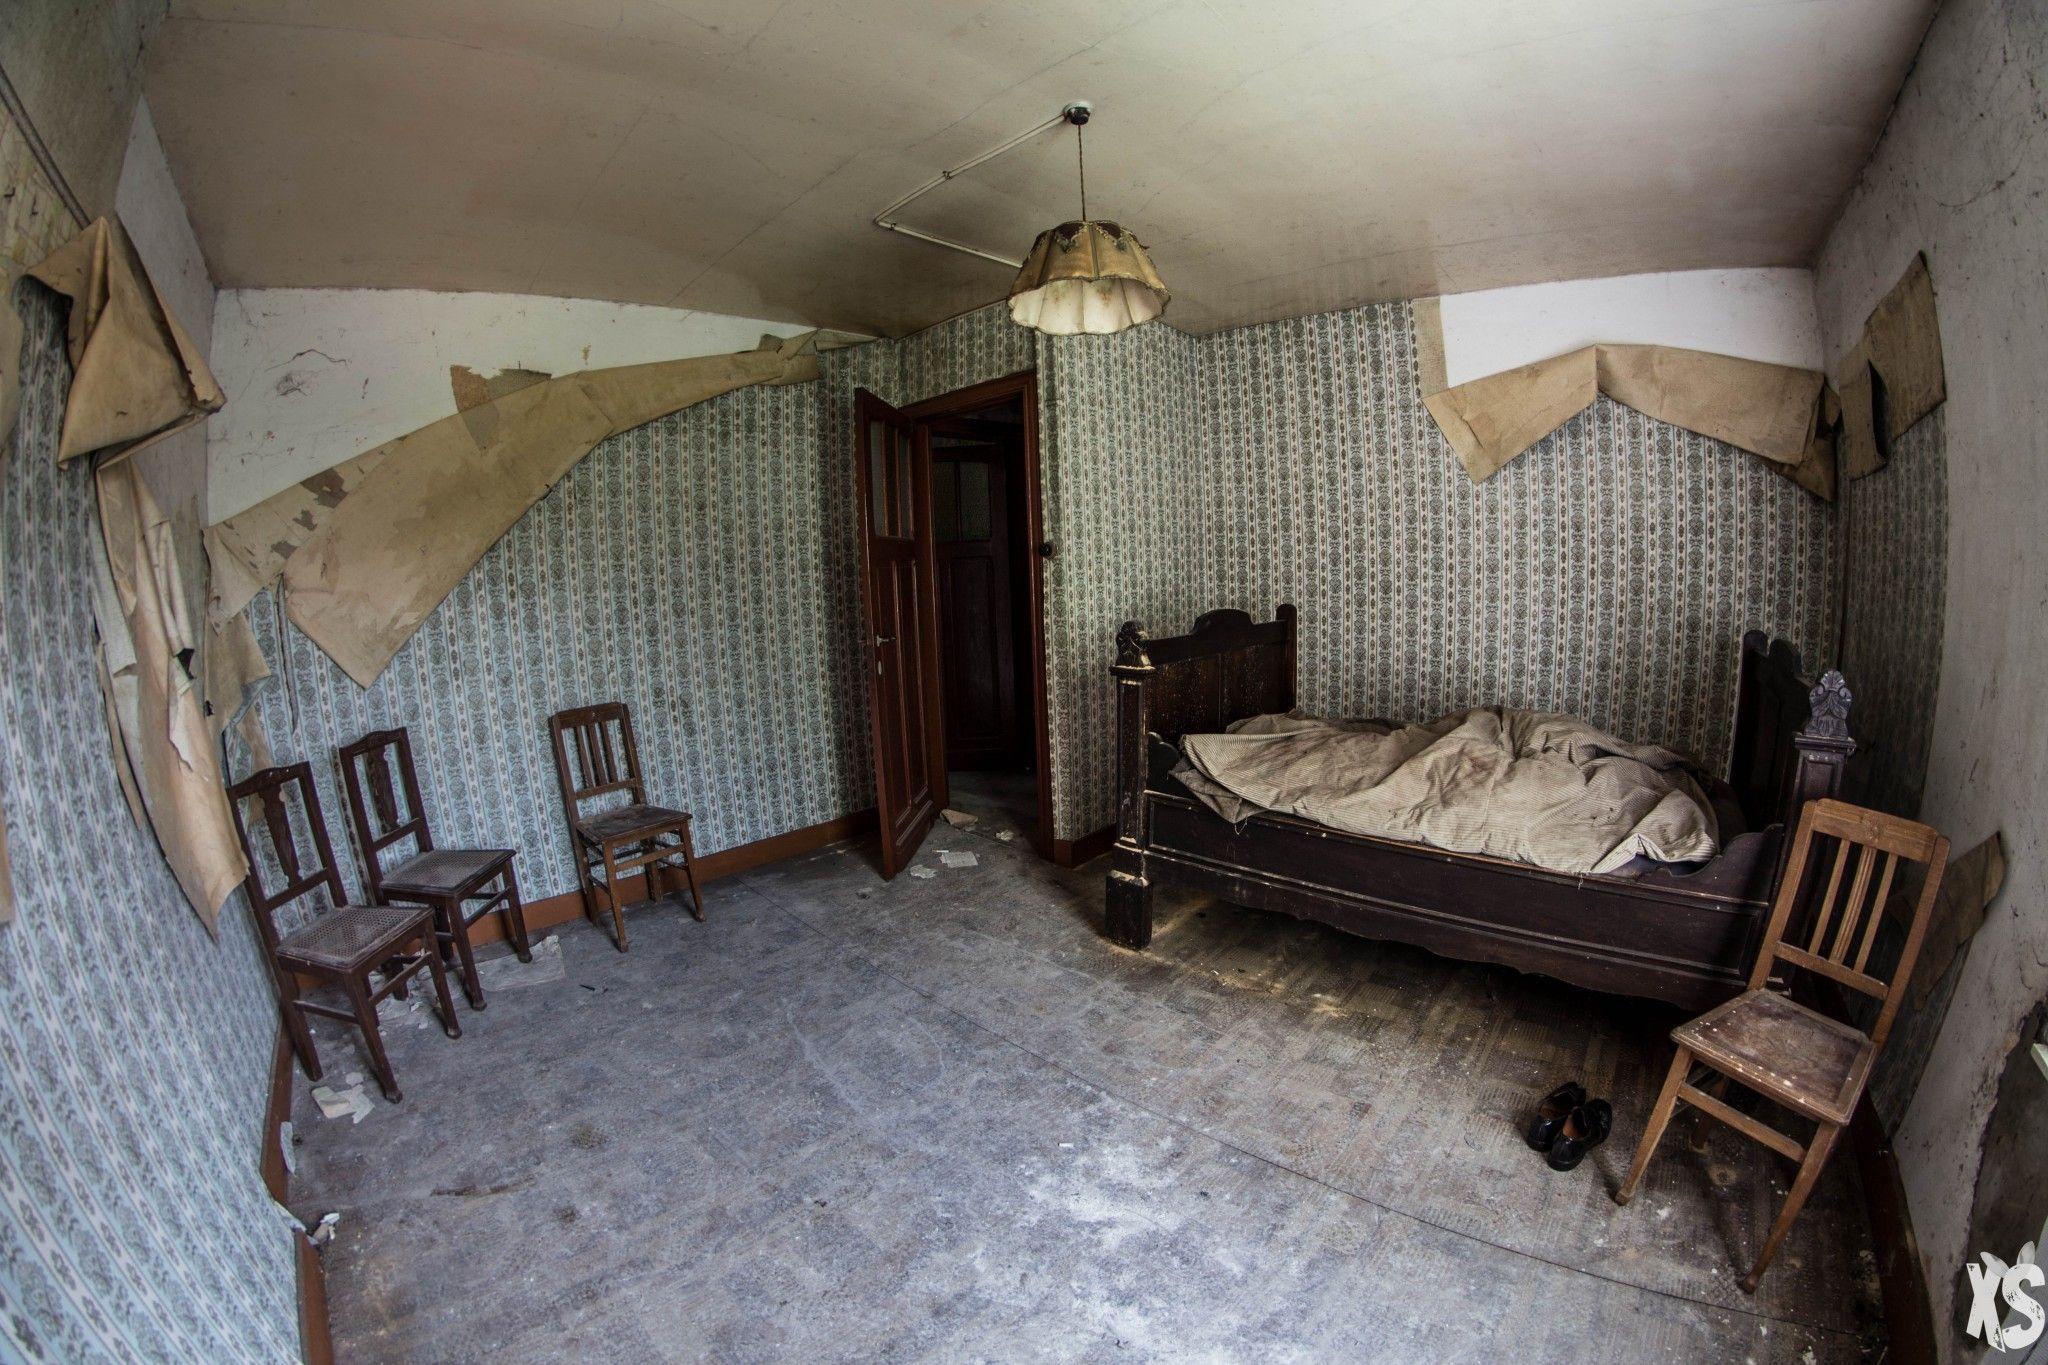 Maison abandonn e en belgique urbex pinterest - Chambre froide d occasion belgique ...